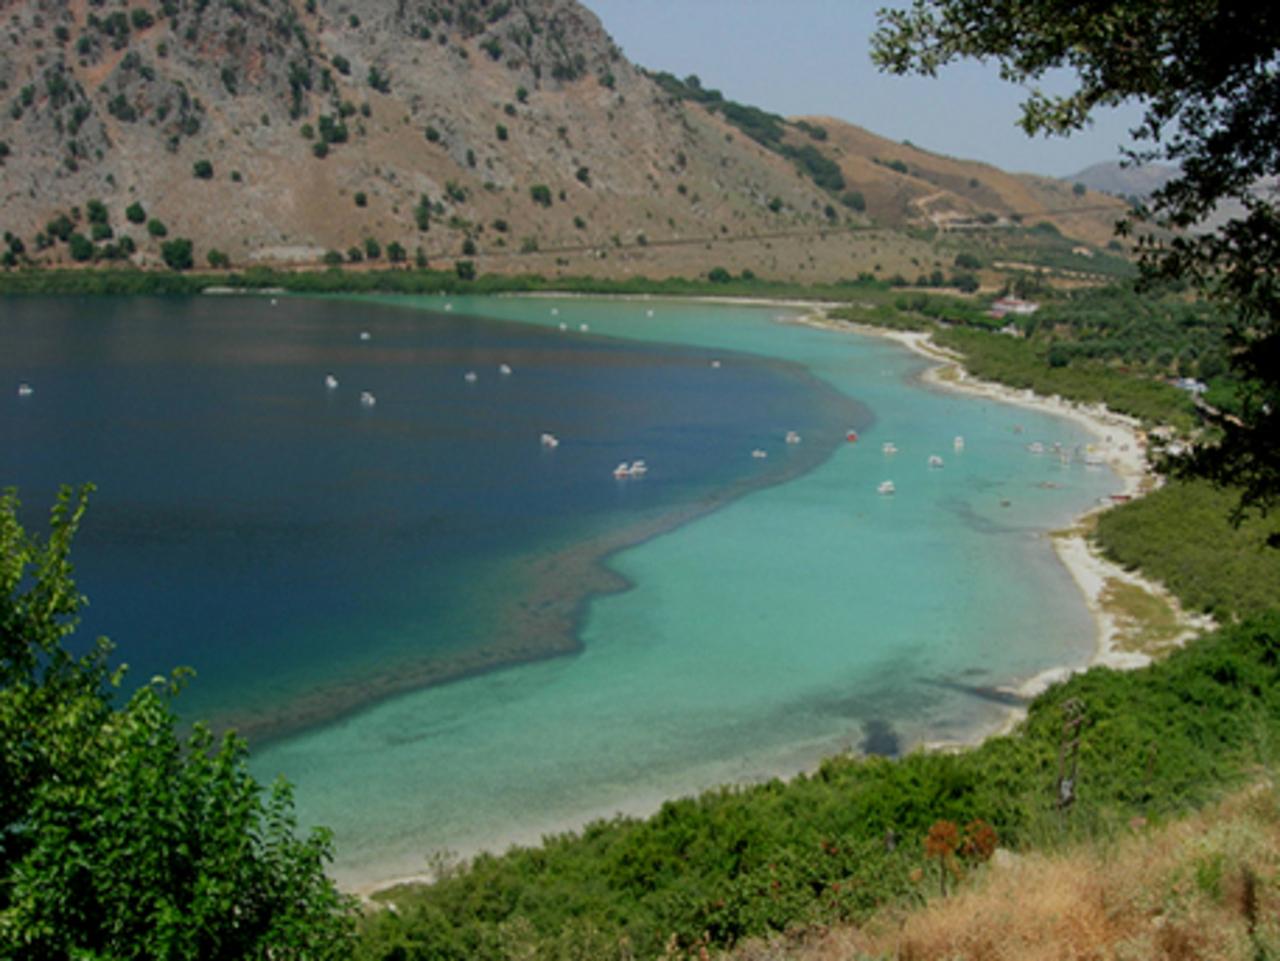 Конкурсное фото.  Озеро Курна - единственное на острове Крит пресноводное озеро. Оно расположено на высоте 25 метров над уровнем моря. Оно имеет вулканическое происхождение.  Тут в большом количестве водятся черепахи и рыбы, которых отлично видно сквозь кристально чистую и прозрачную  воду озера, удивительного бирюзового цвета. На озере так же очень много уток и гусей. Можно взять напрокат водный велосипед и подробно изучить дно озеро курна. http://active.greece-obnovlenie.ru/to_see/1904.html